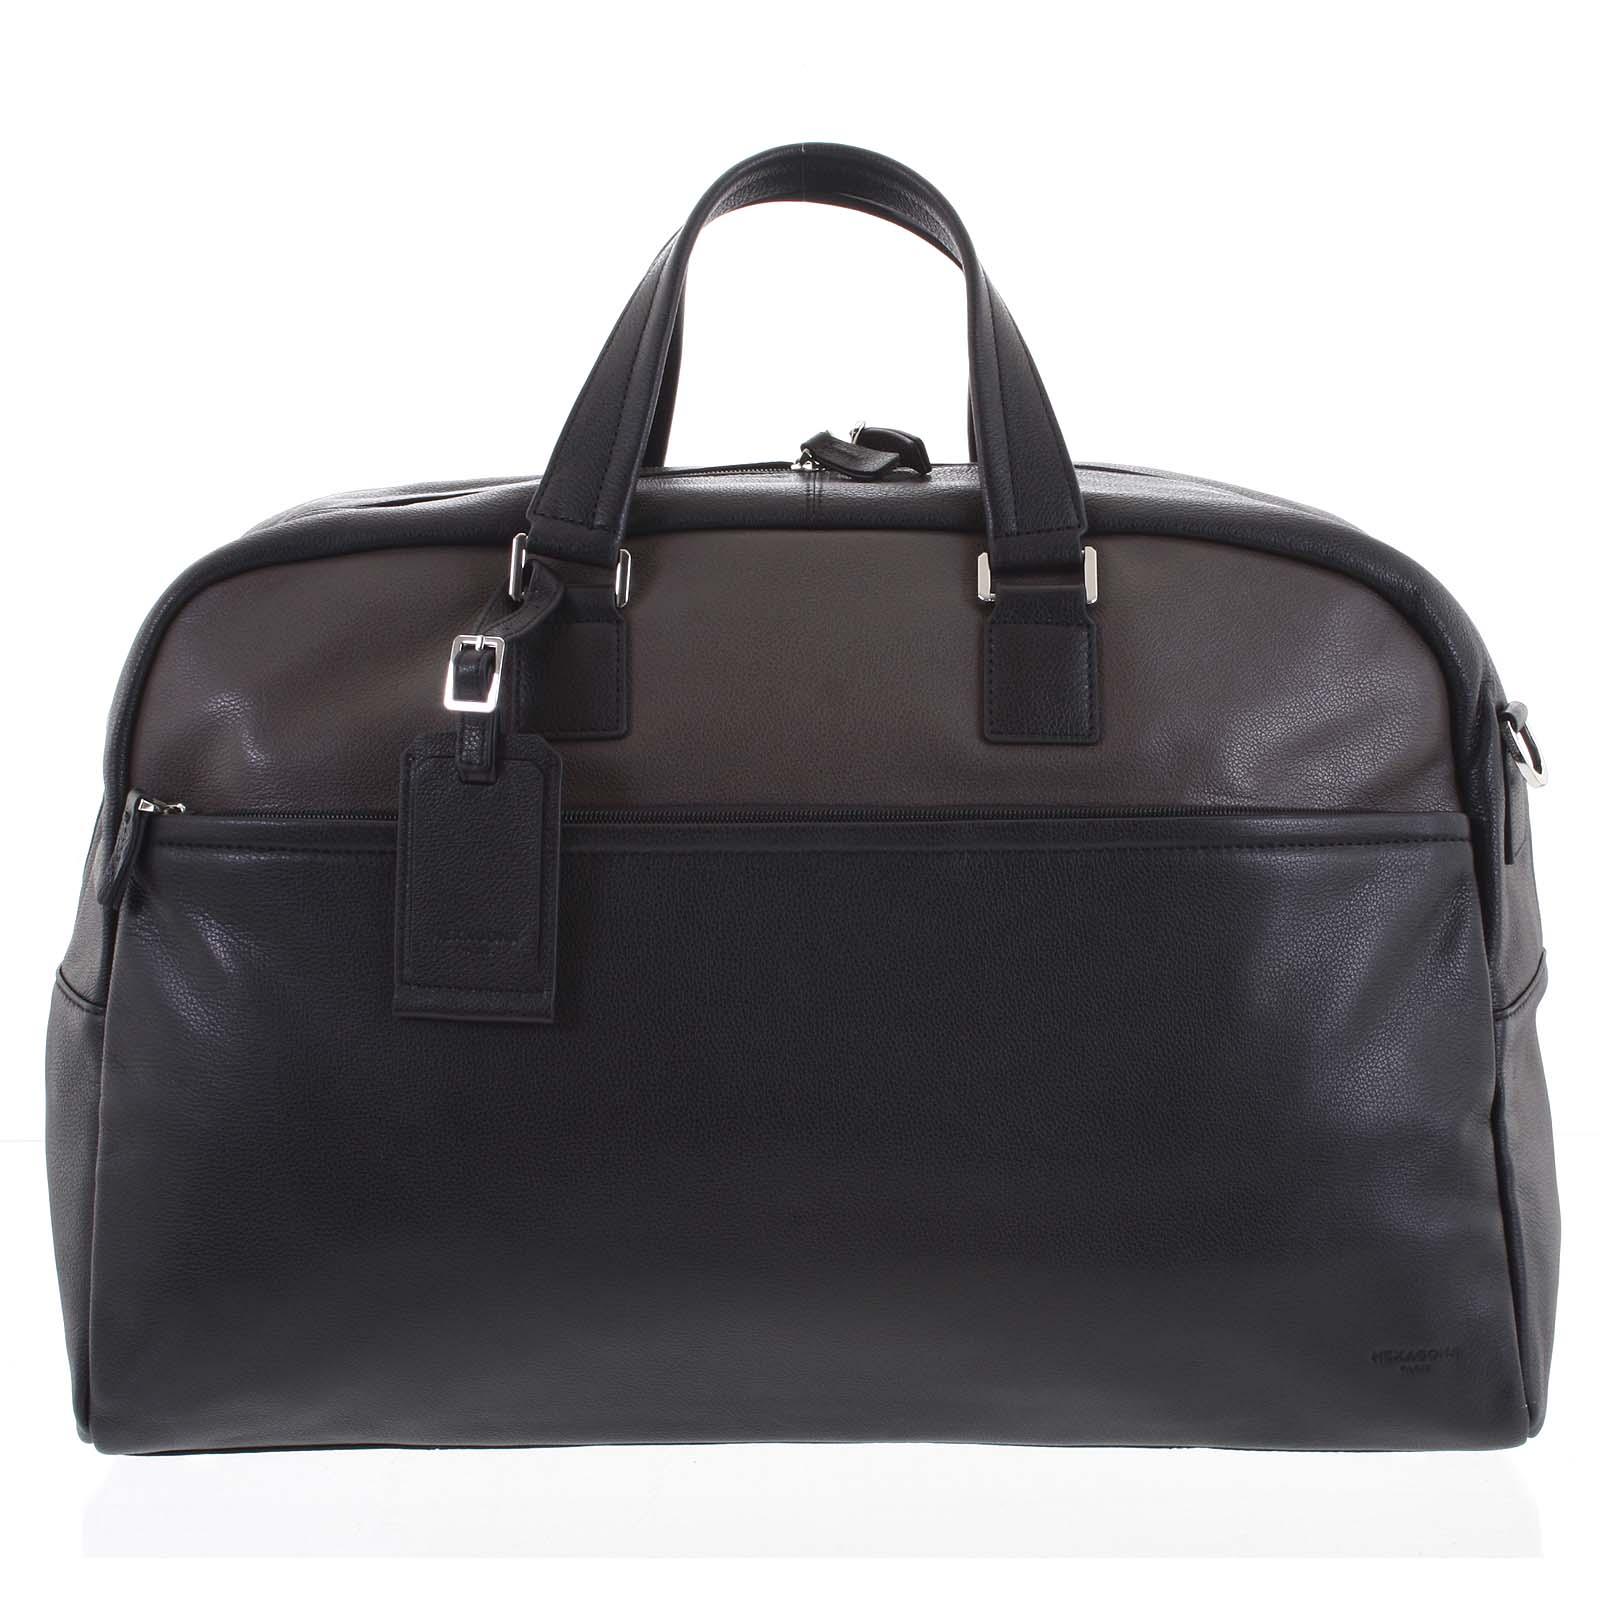 Cestovní kožená taška černá taupe - Hexagona Everyday taupe